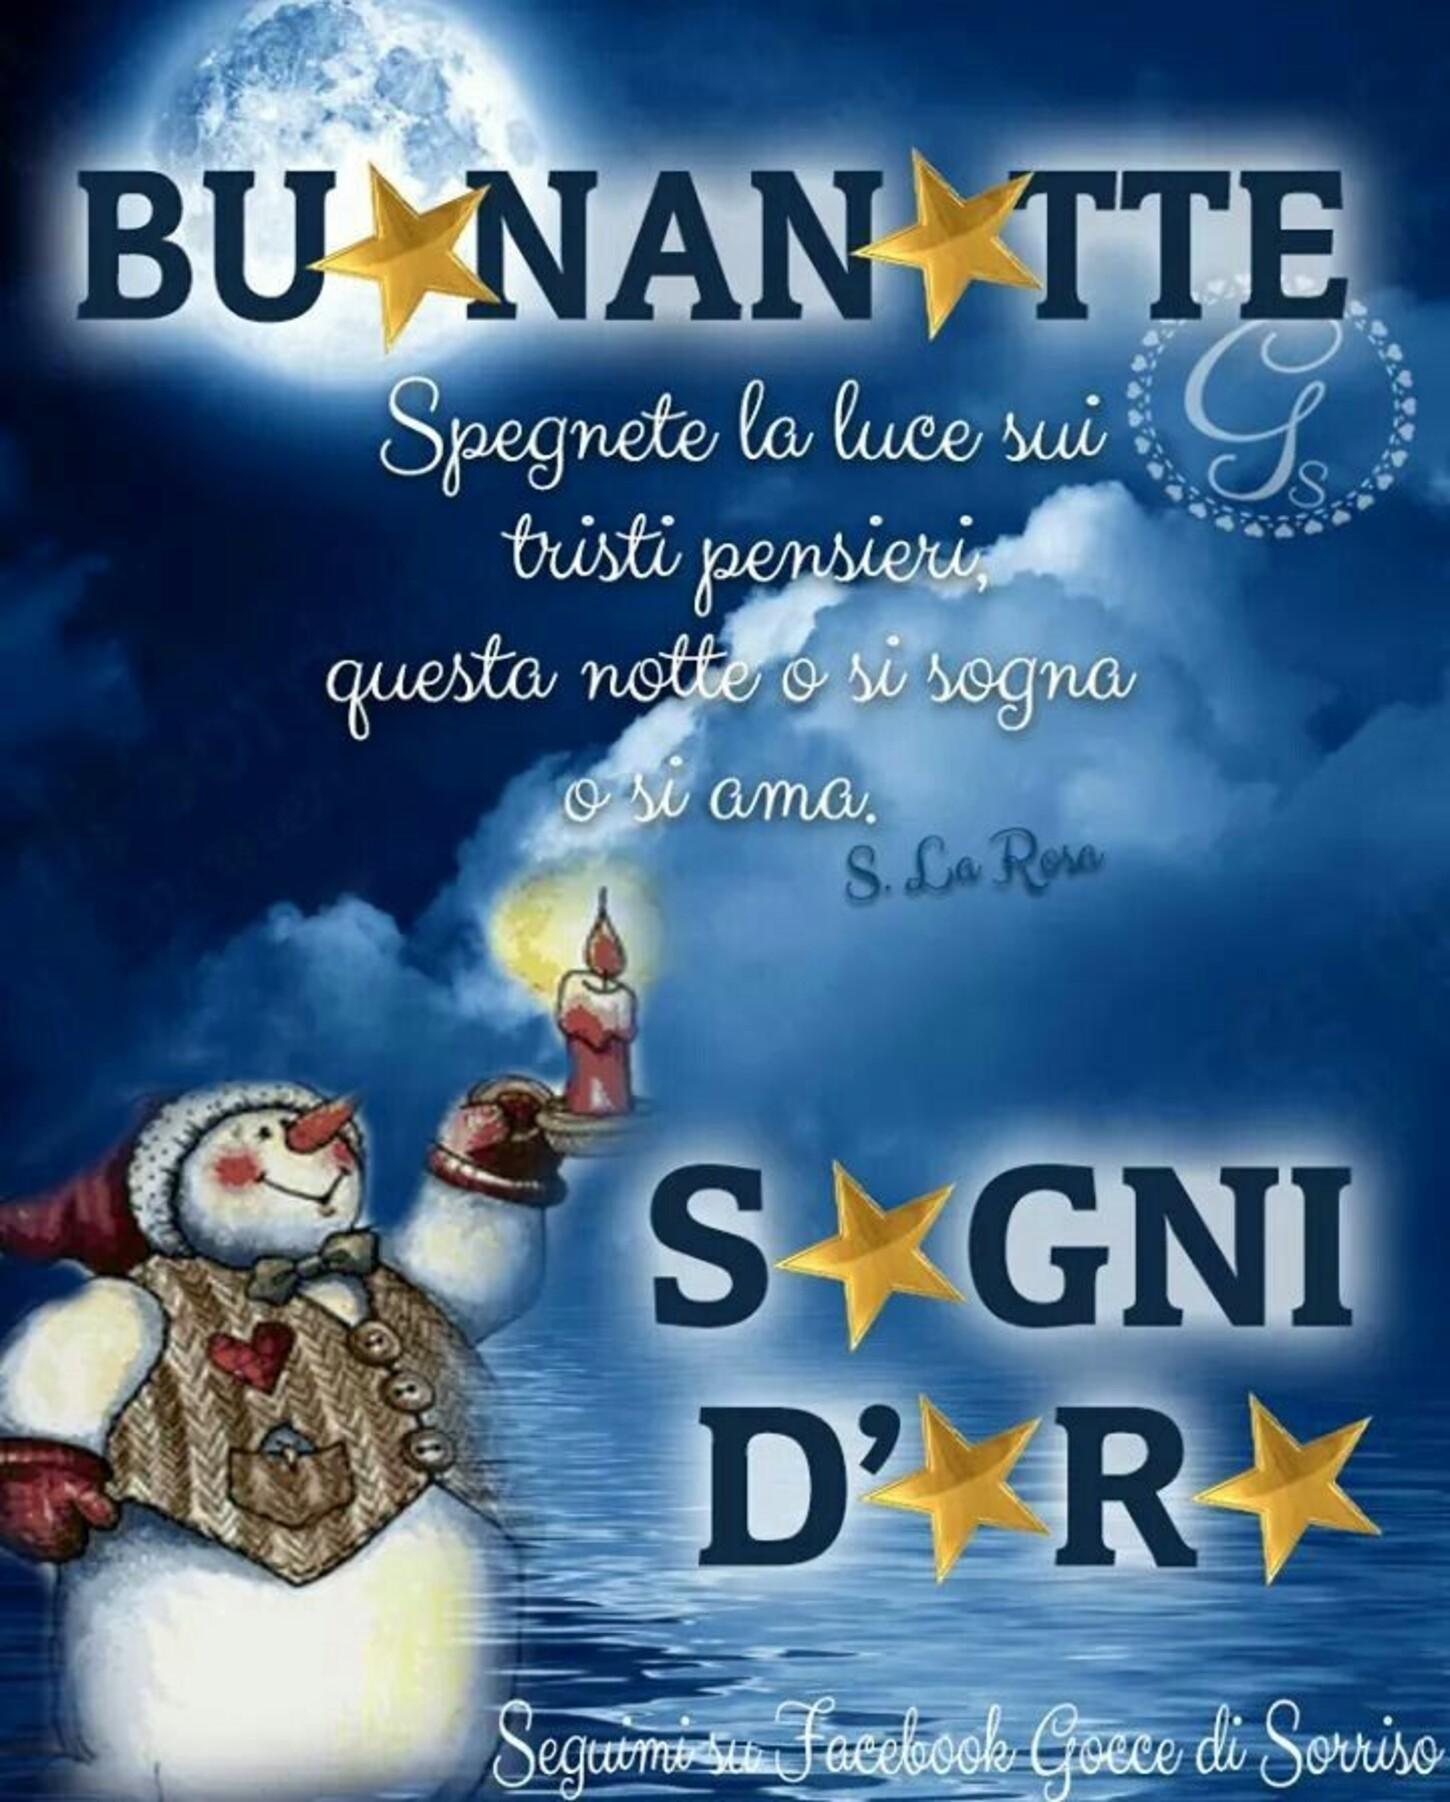 Buonanotte e Sogni d'Oro natalizio